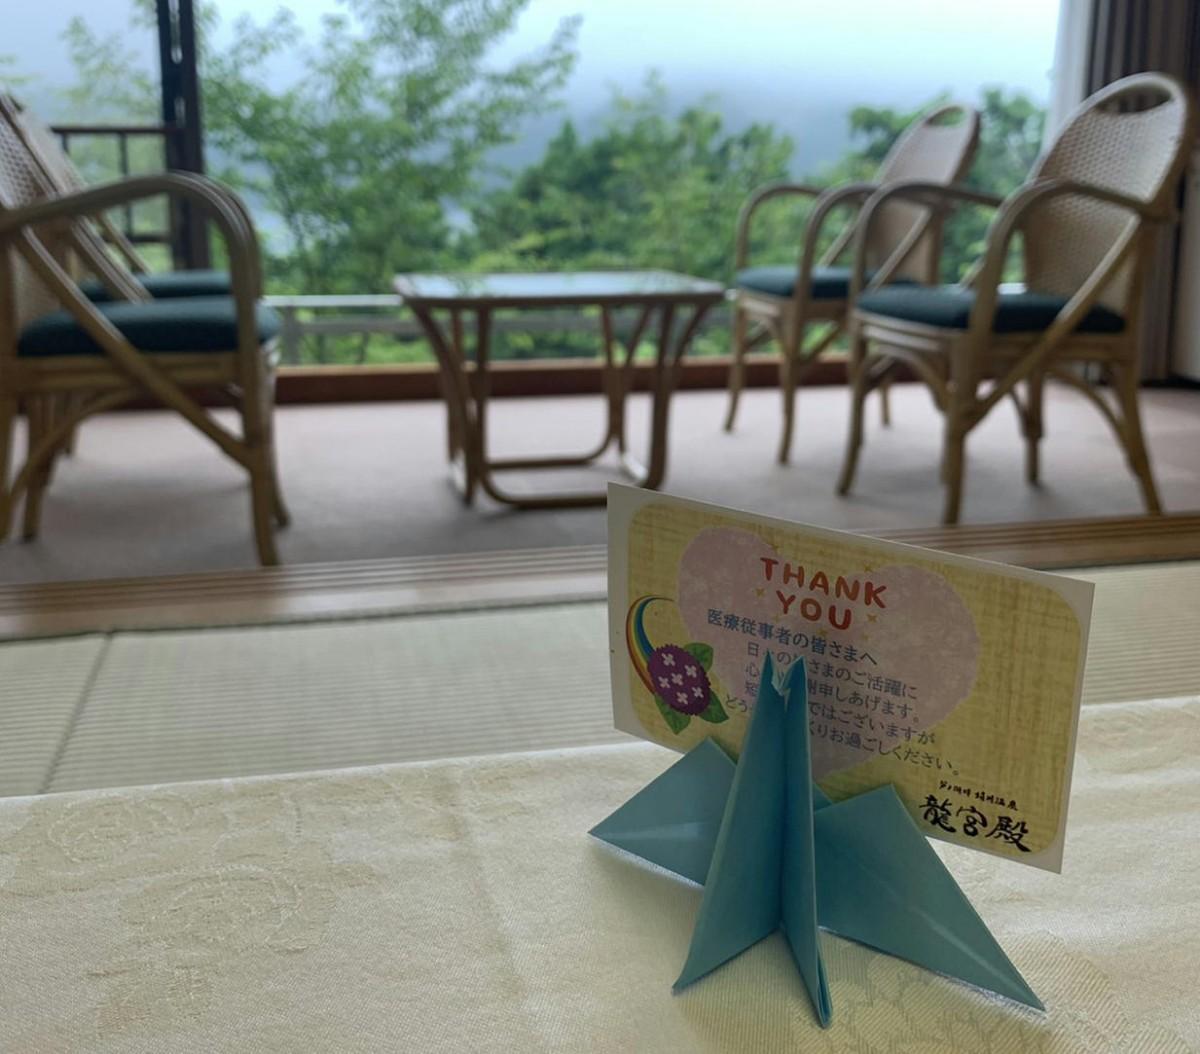 医療従事者が利用する部屋に置かれている鶴とメッセージボード(芦ノ湖畔蛸川温泉龍宮殿)